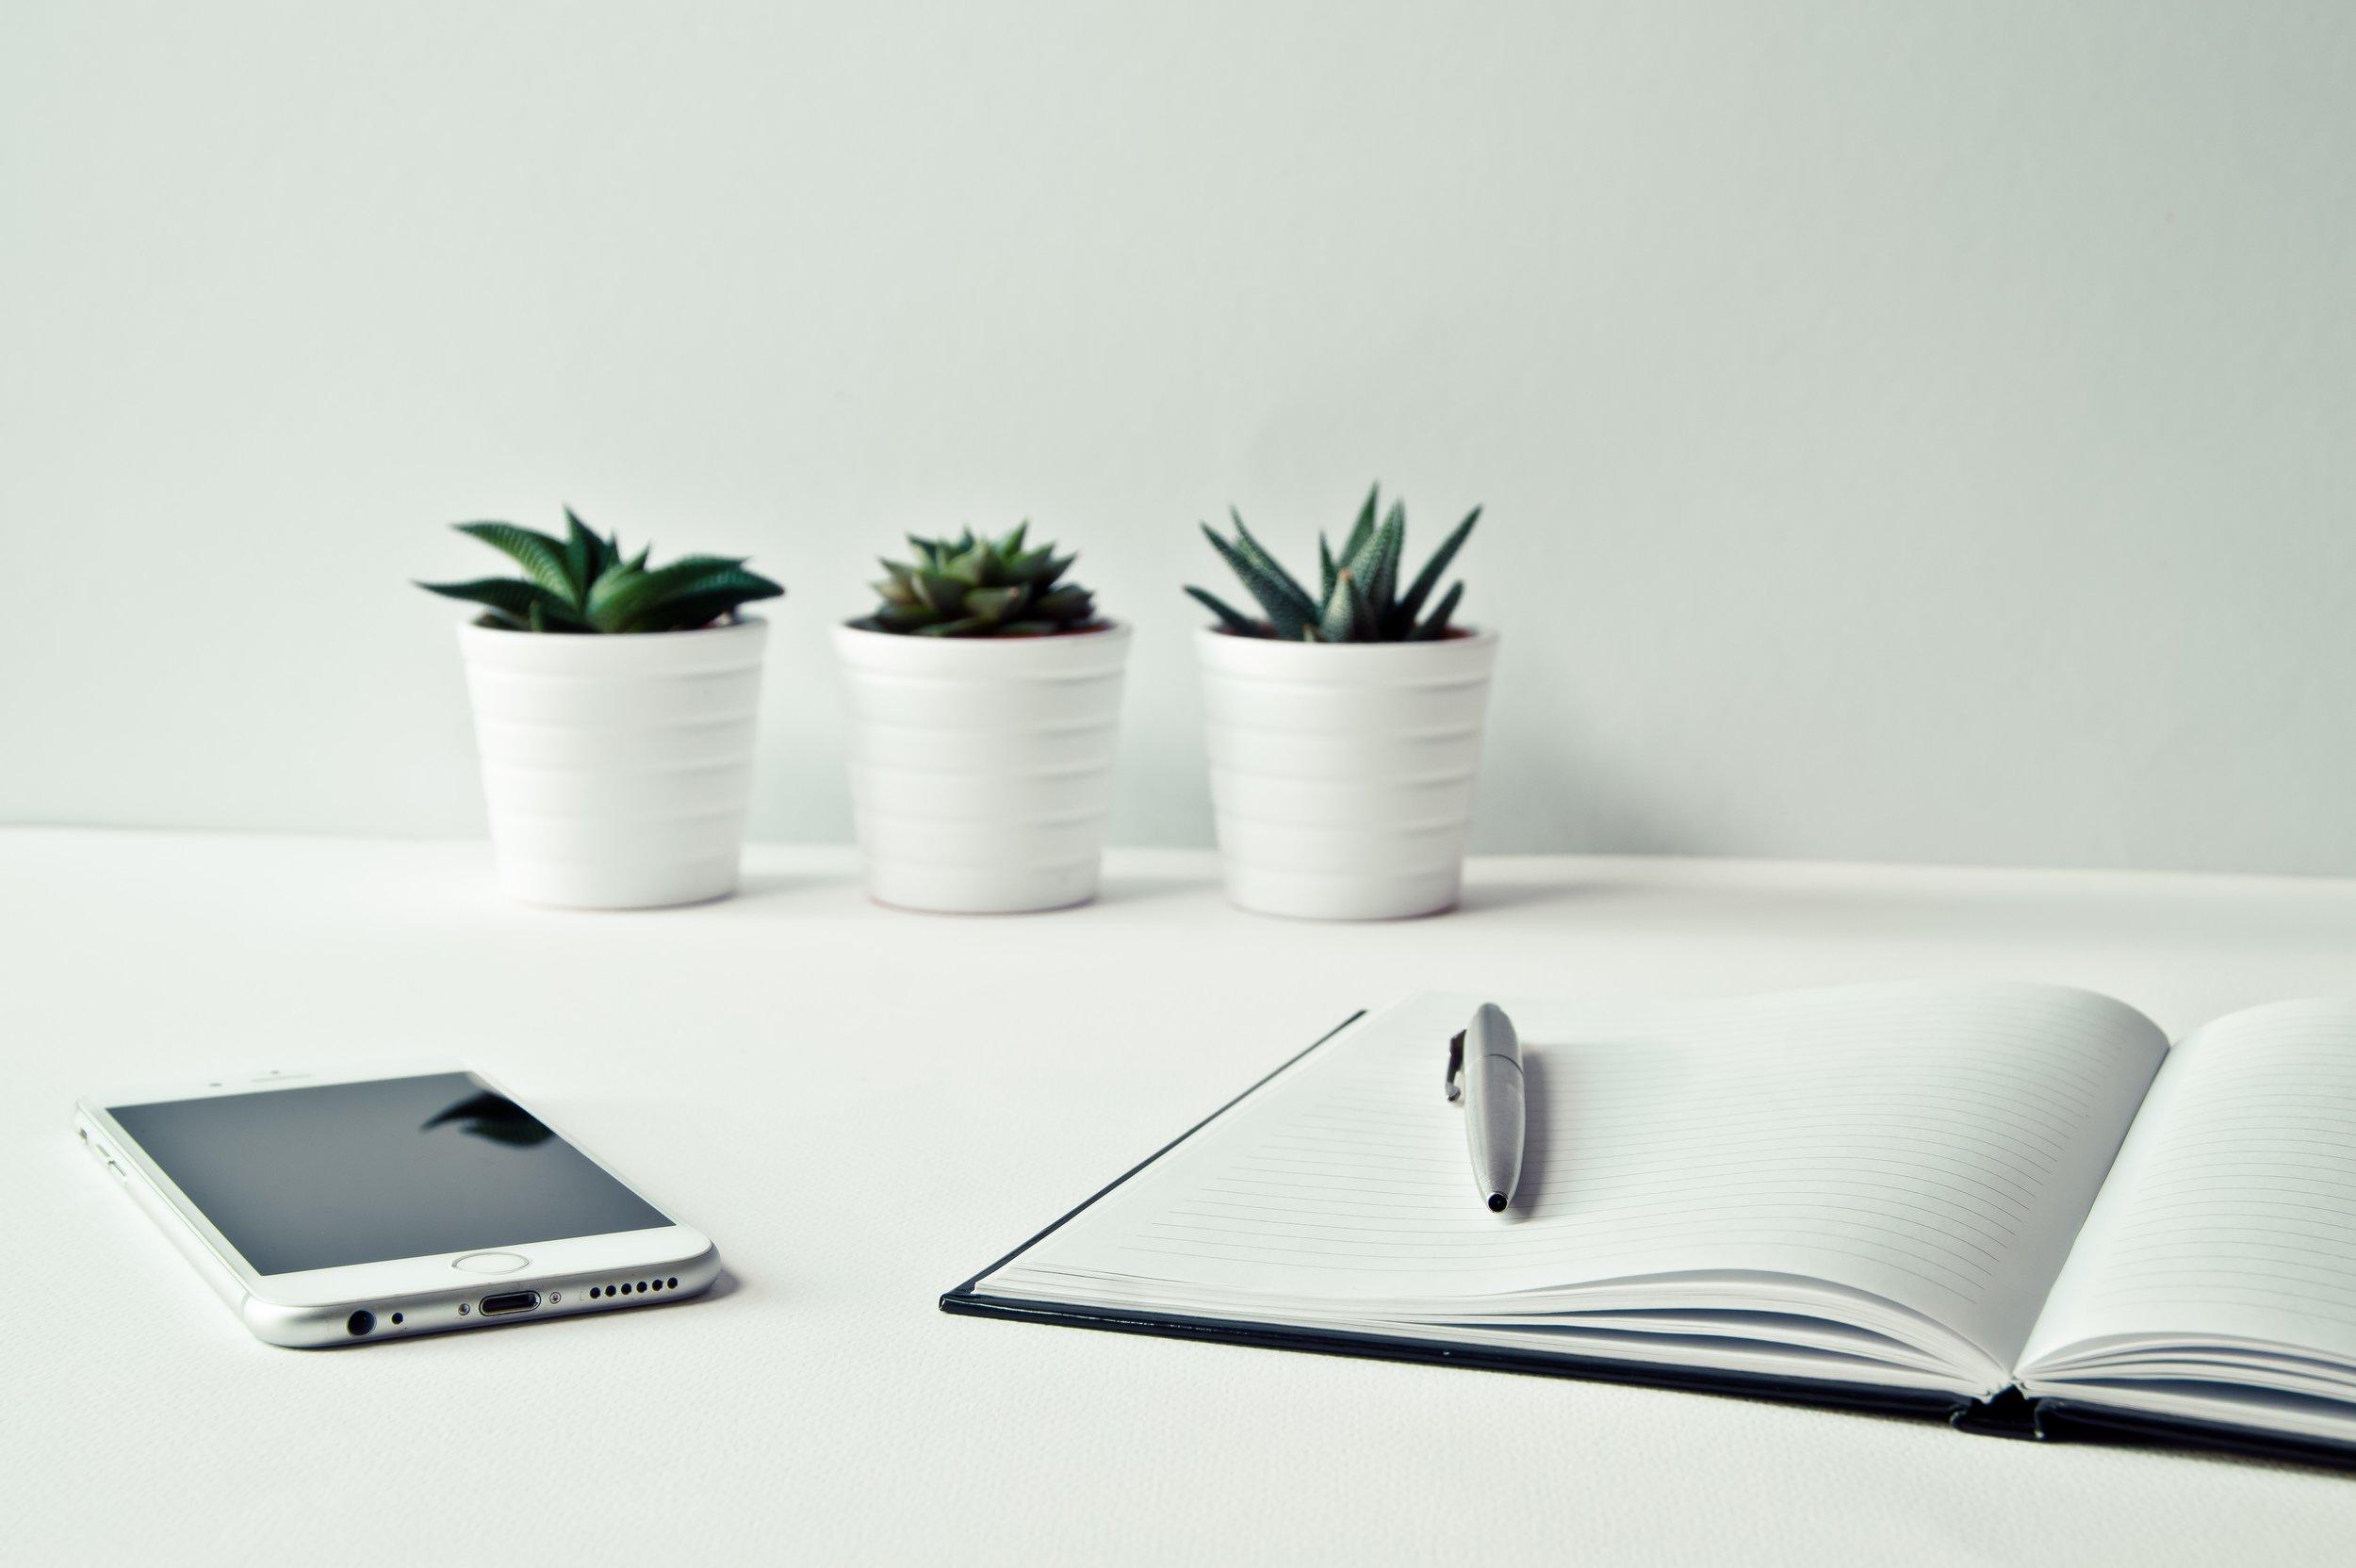 مشاوره آنلاین را بهتر بشناسیم